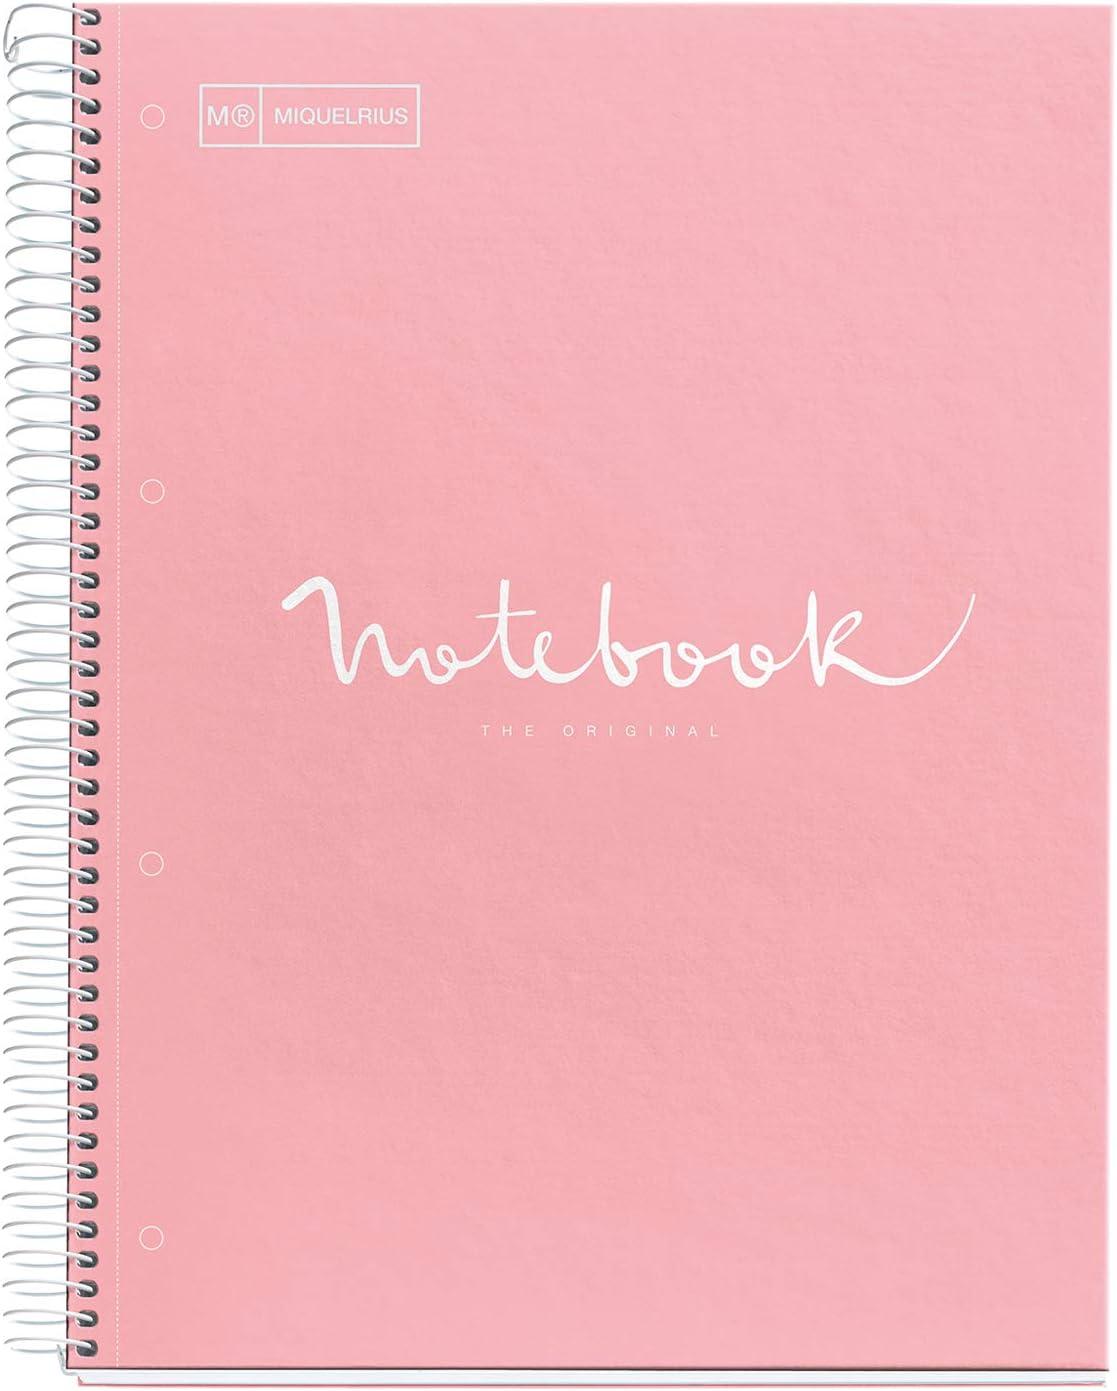 MIQUELRIUS - Cuaderno A4 Puntos Notebook Emotions - 1 franja de color, 80 Hojas con rayado punteado (Dots), Papel 90g Microperforado con 4 Taladros para 4 anillas, Cubierta de Cartón Extraduro, Color